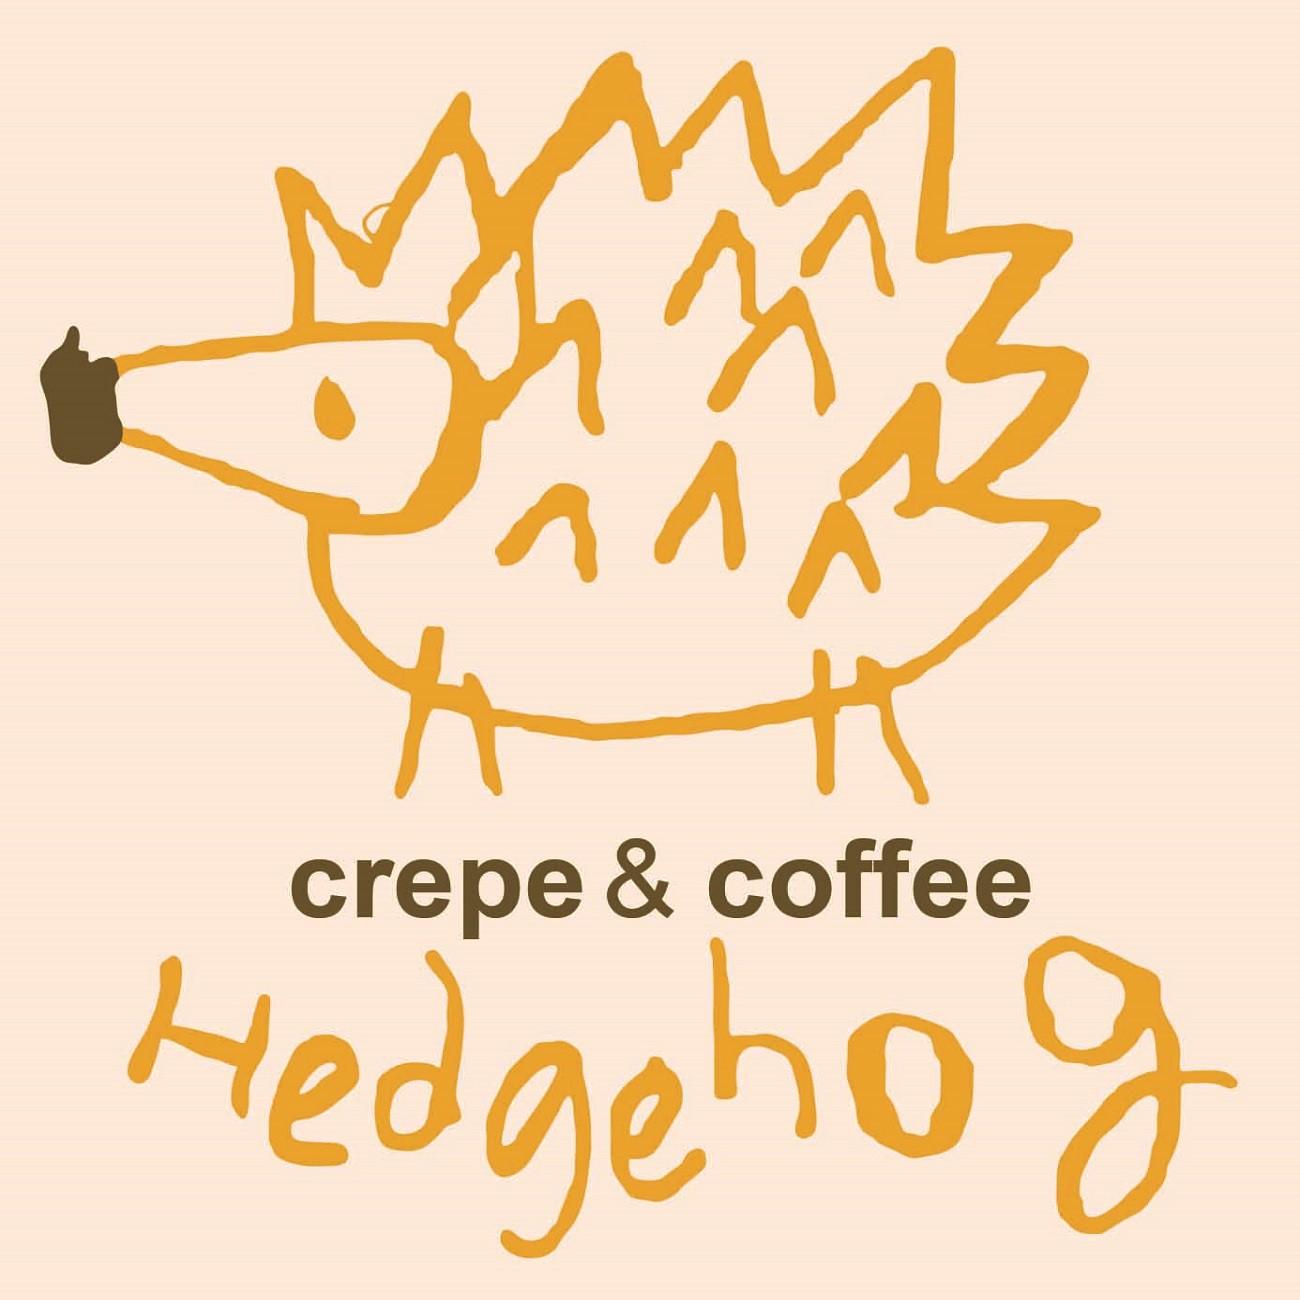 Crepe&coffee Hedgehog gallery